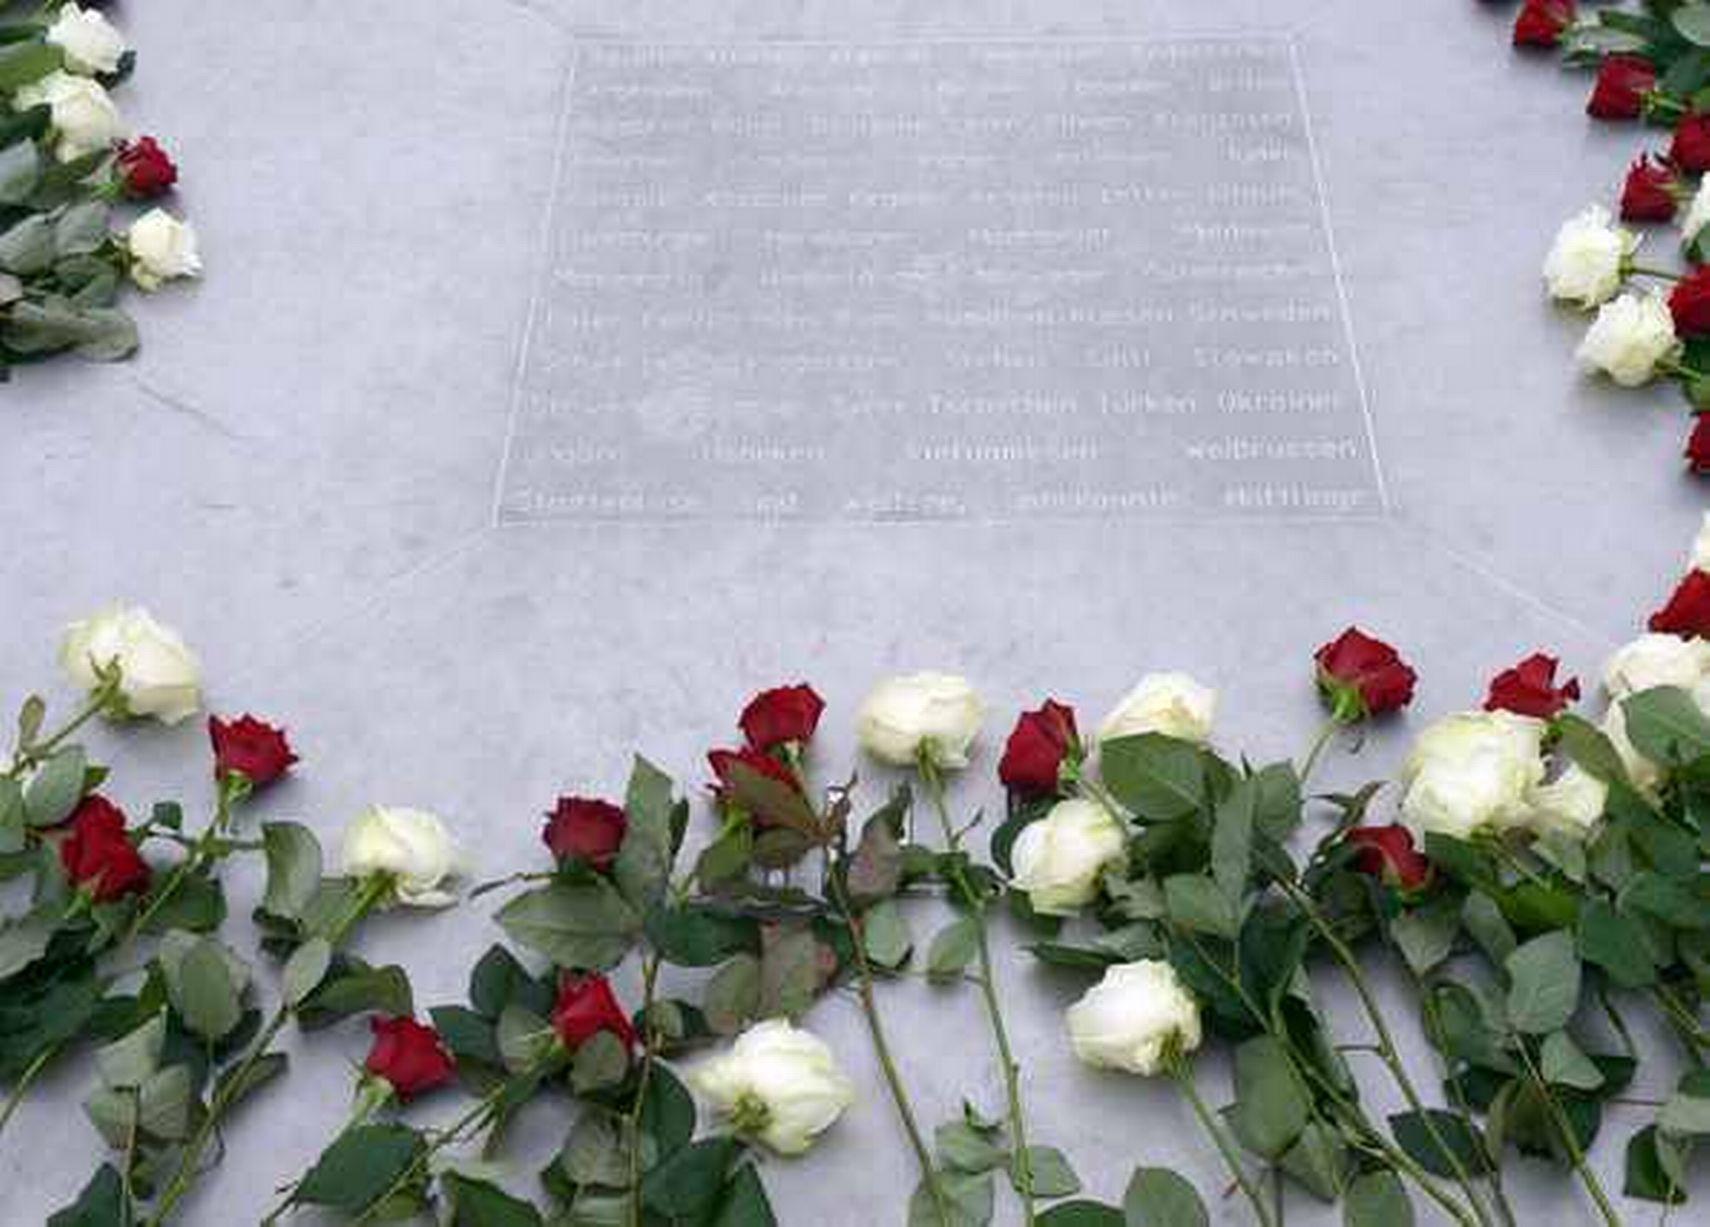 22 июня — День скорби и оказания почестей памяти жертв войны в Украине — фото 4